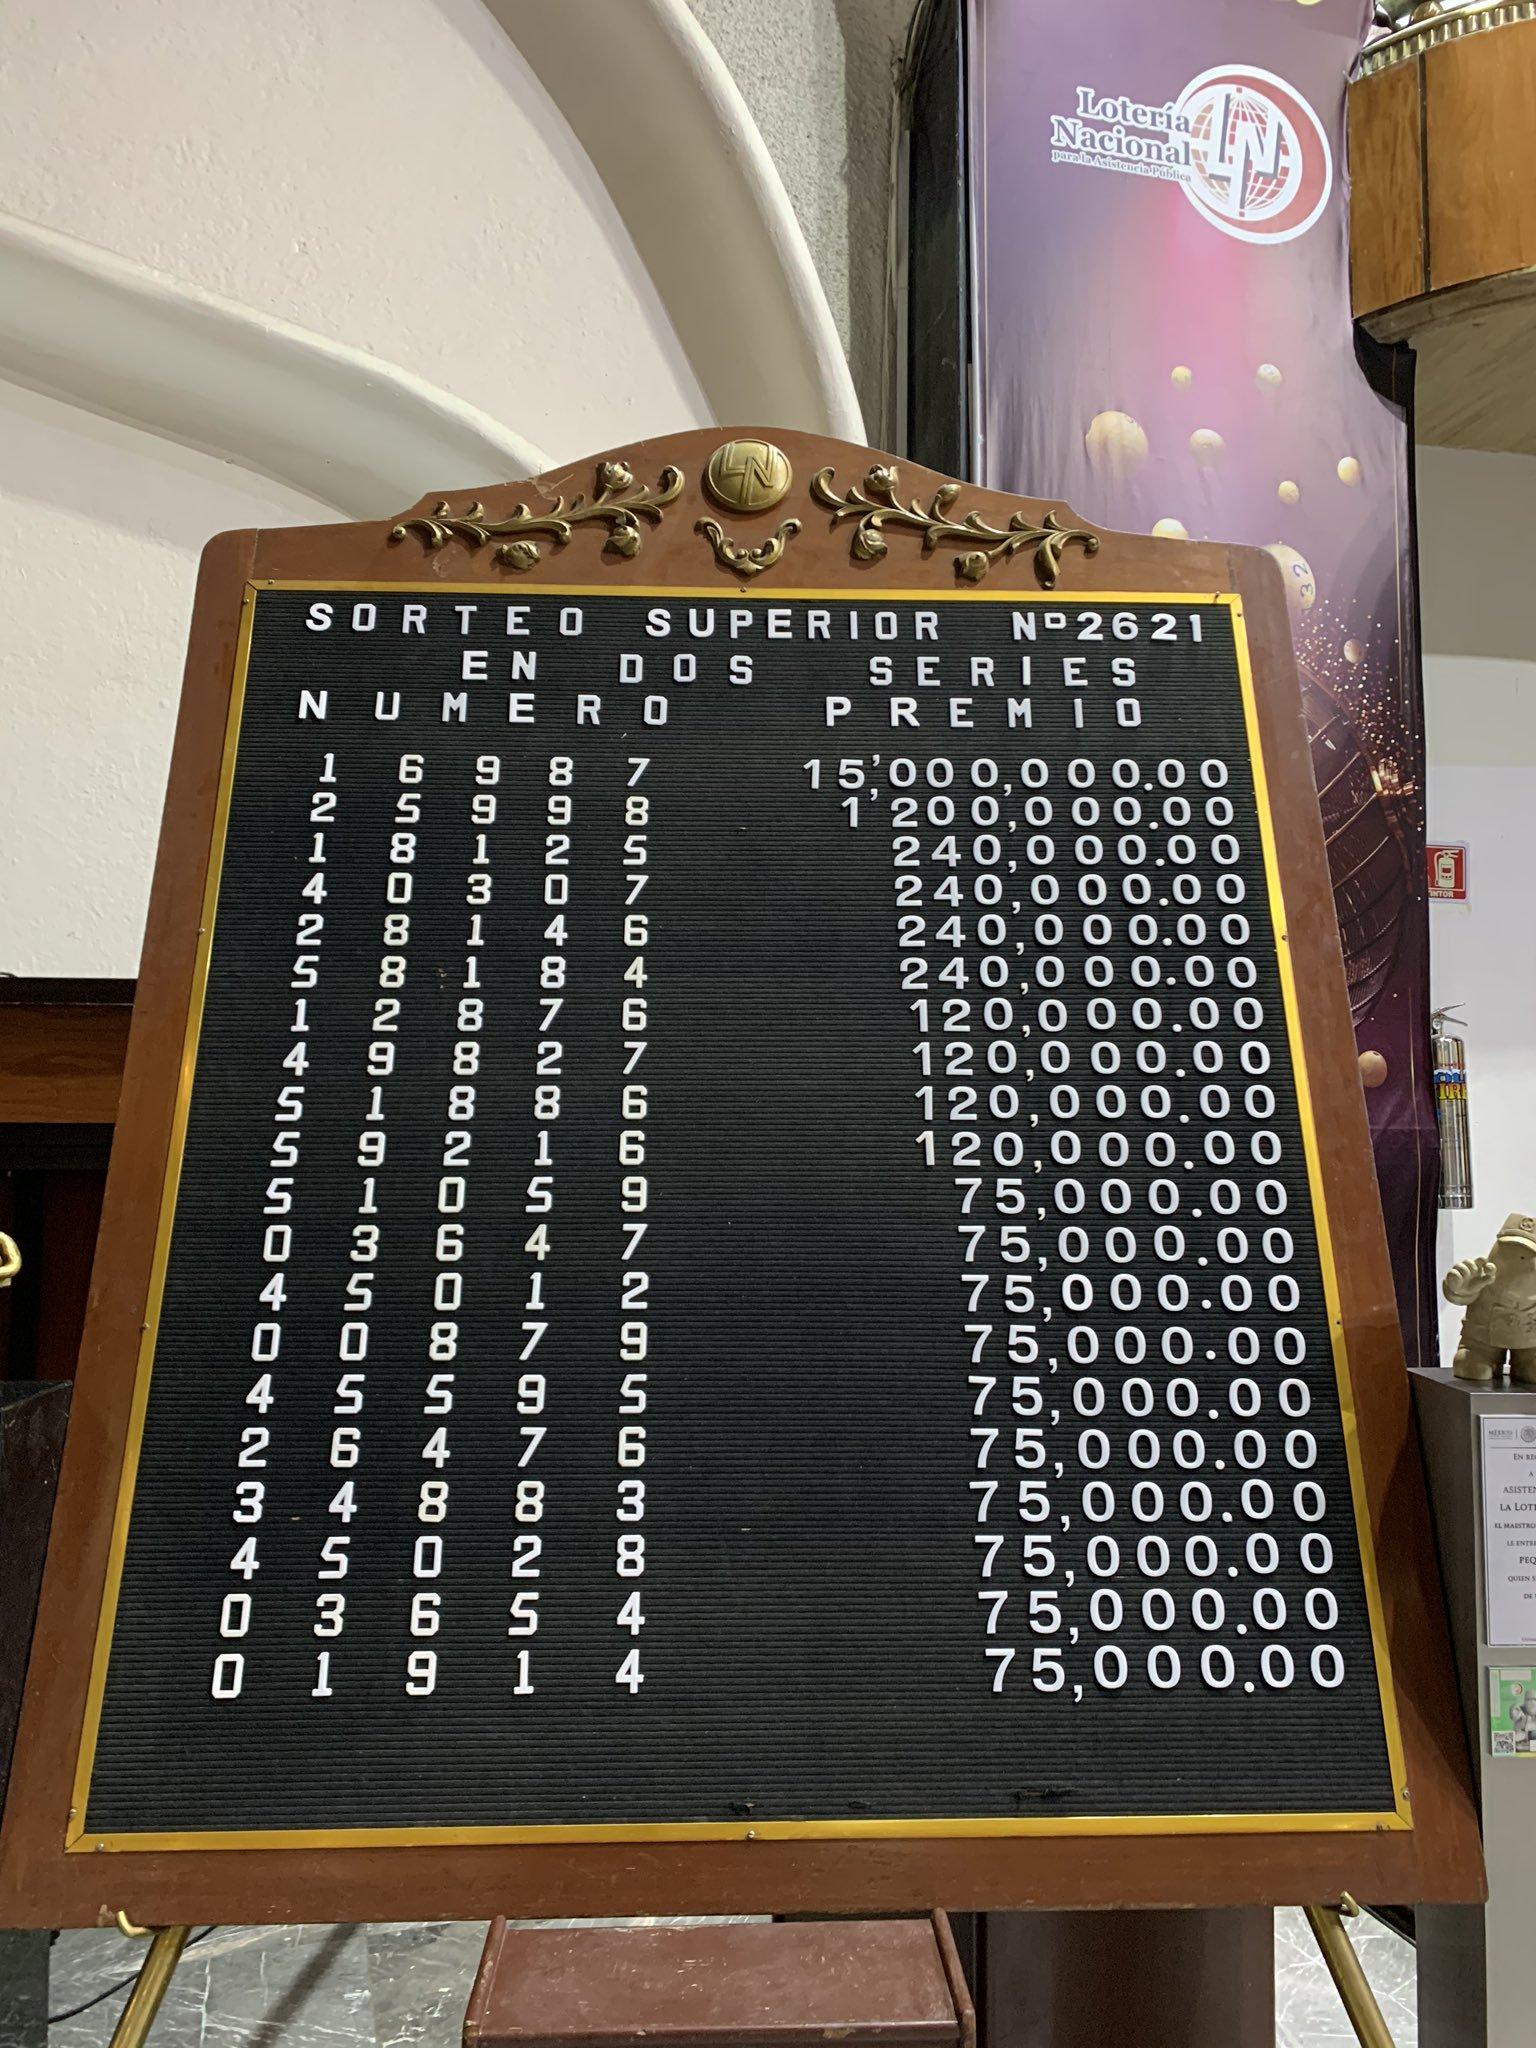 Resultados sorteo superior 2621